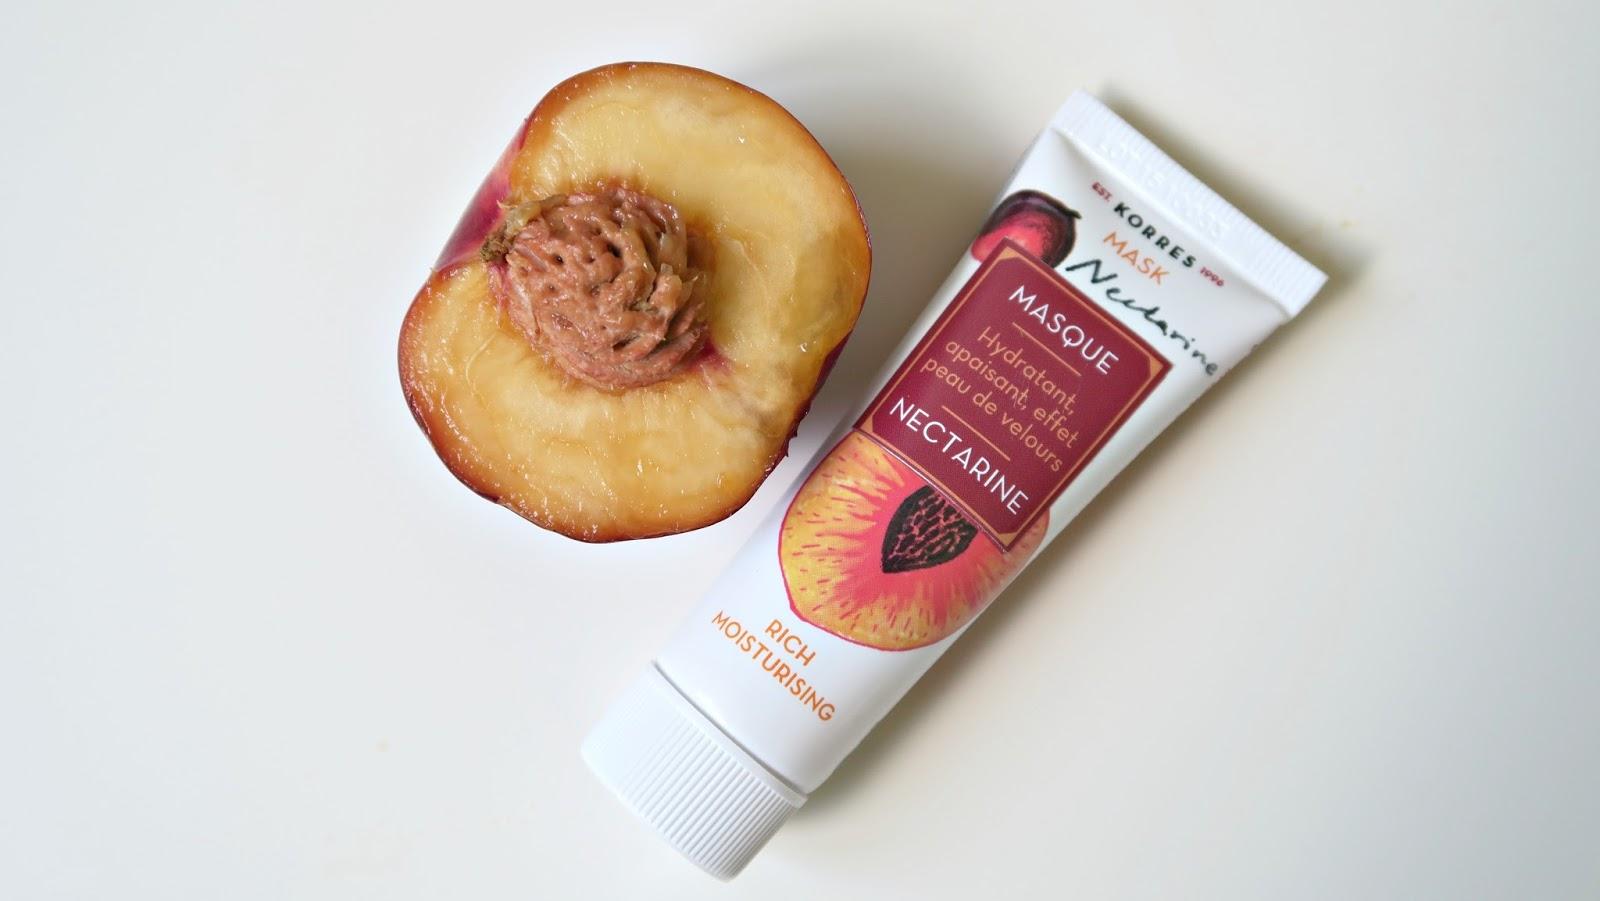 masque effet peau de velours hydratant et apaisant à la nectarine pour le visage de la marque korres